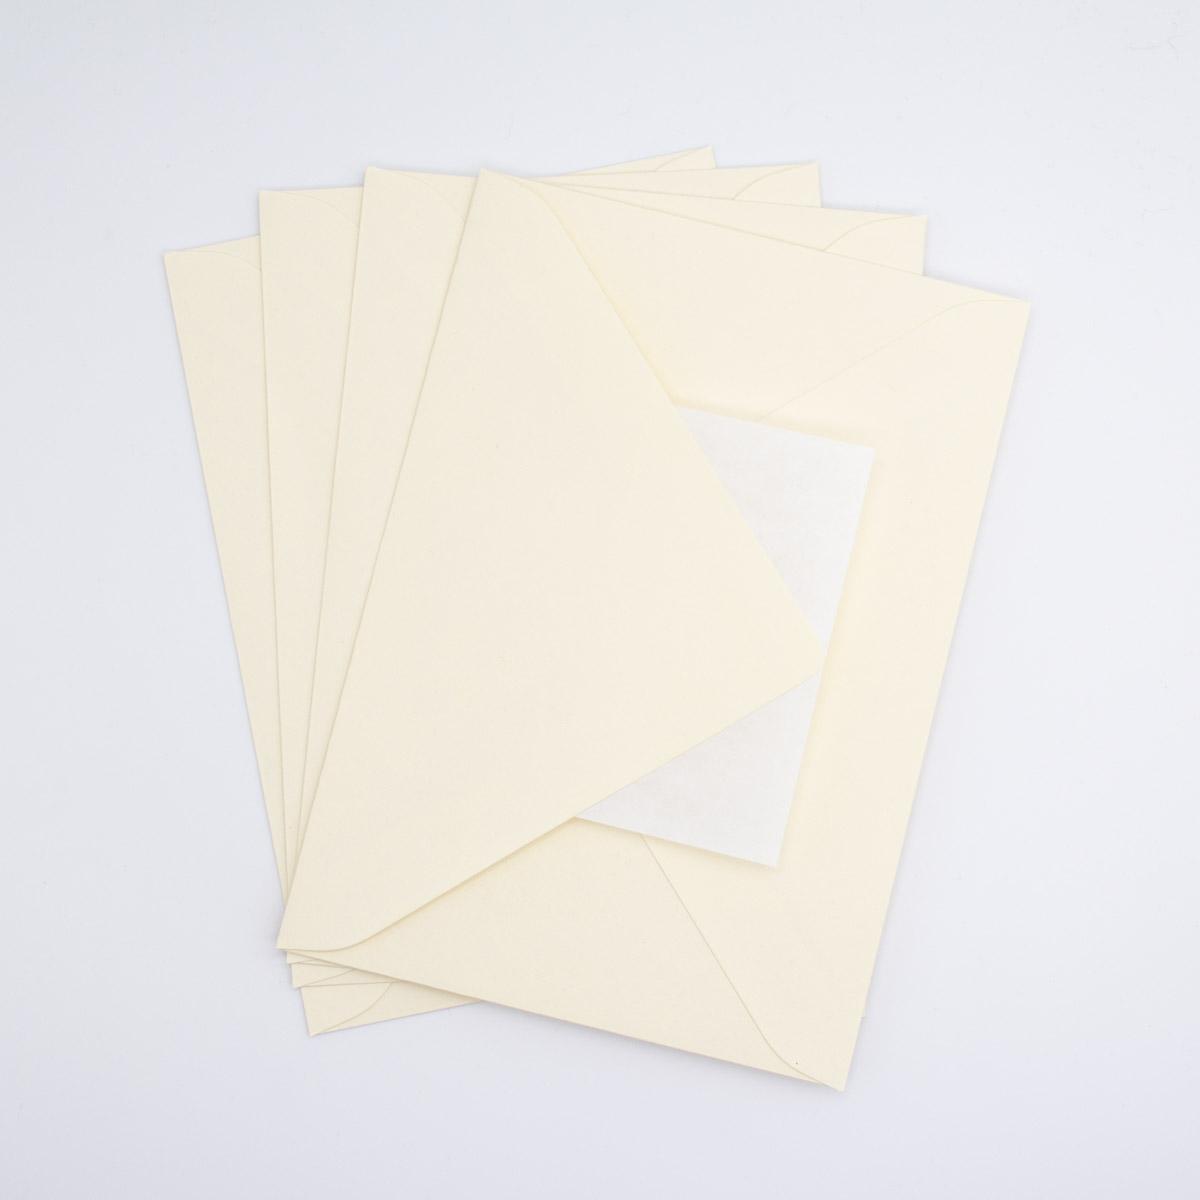 Briefumschlag-Spitze-Klappe-Creme-5-Stück-B6-Unsere-kleine-Bastelstube